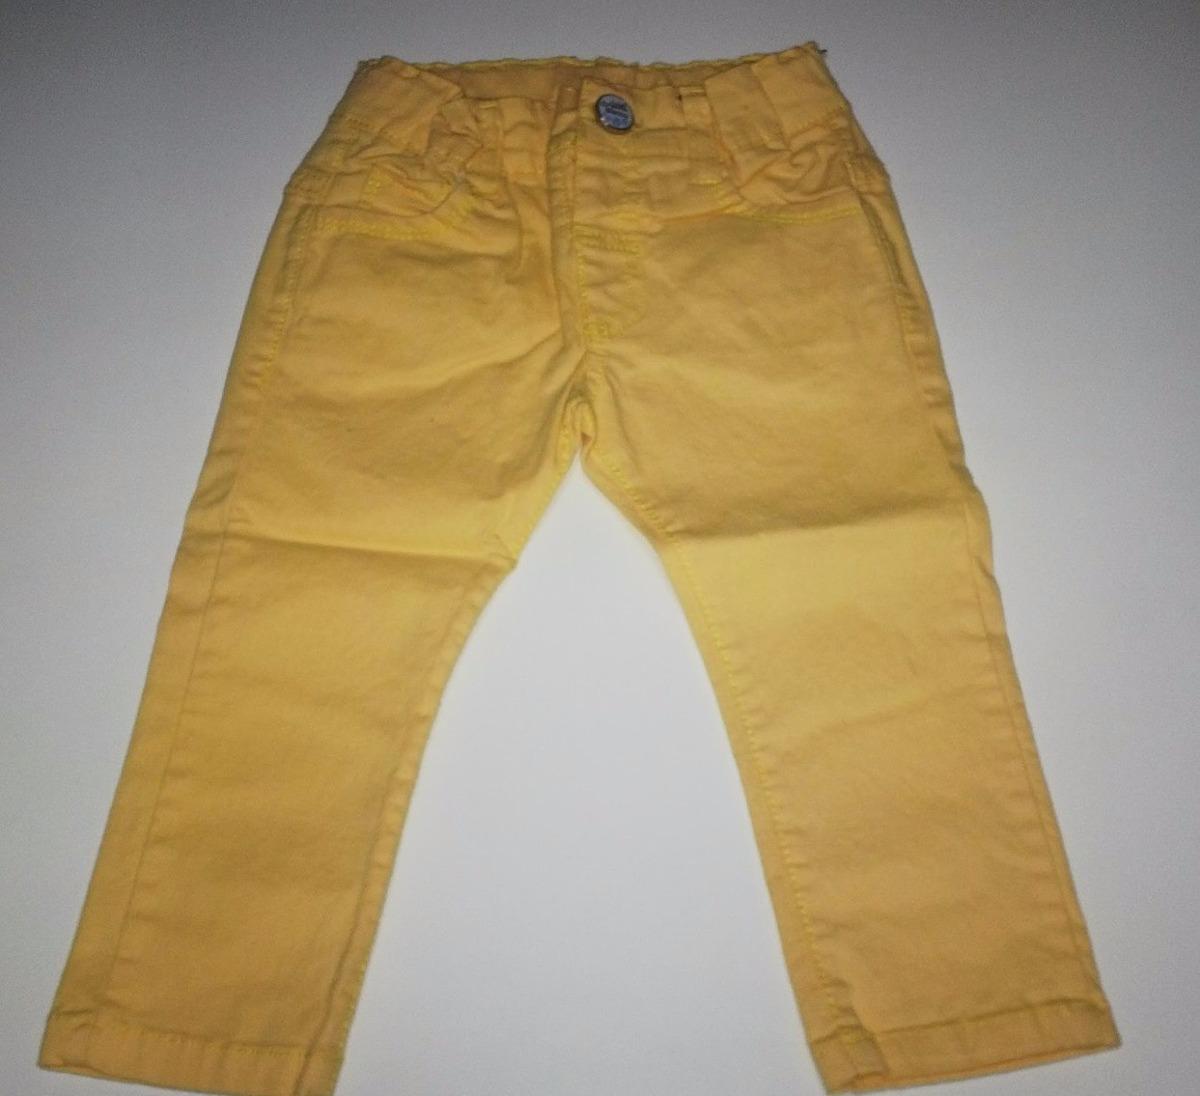 88ccce32c Pantalon Chupin Gabardina Bebe 12 A 18 Meses Exc. Calidad - $ 279,00 ...